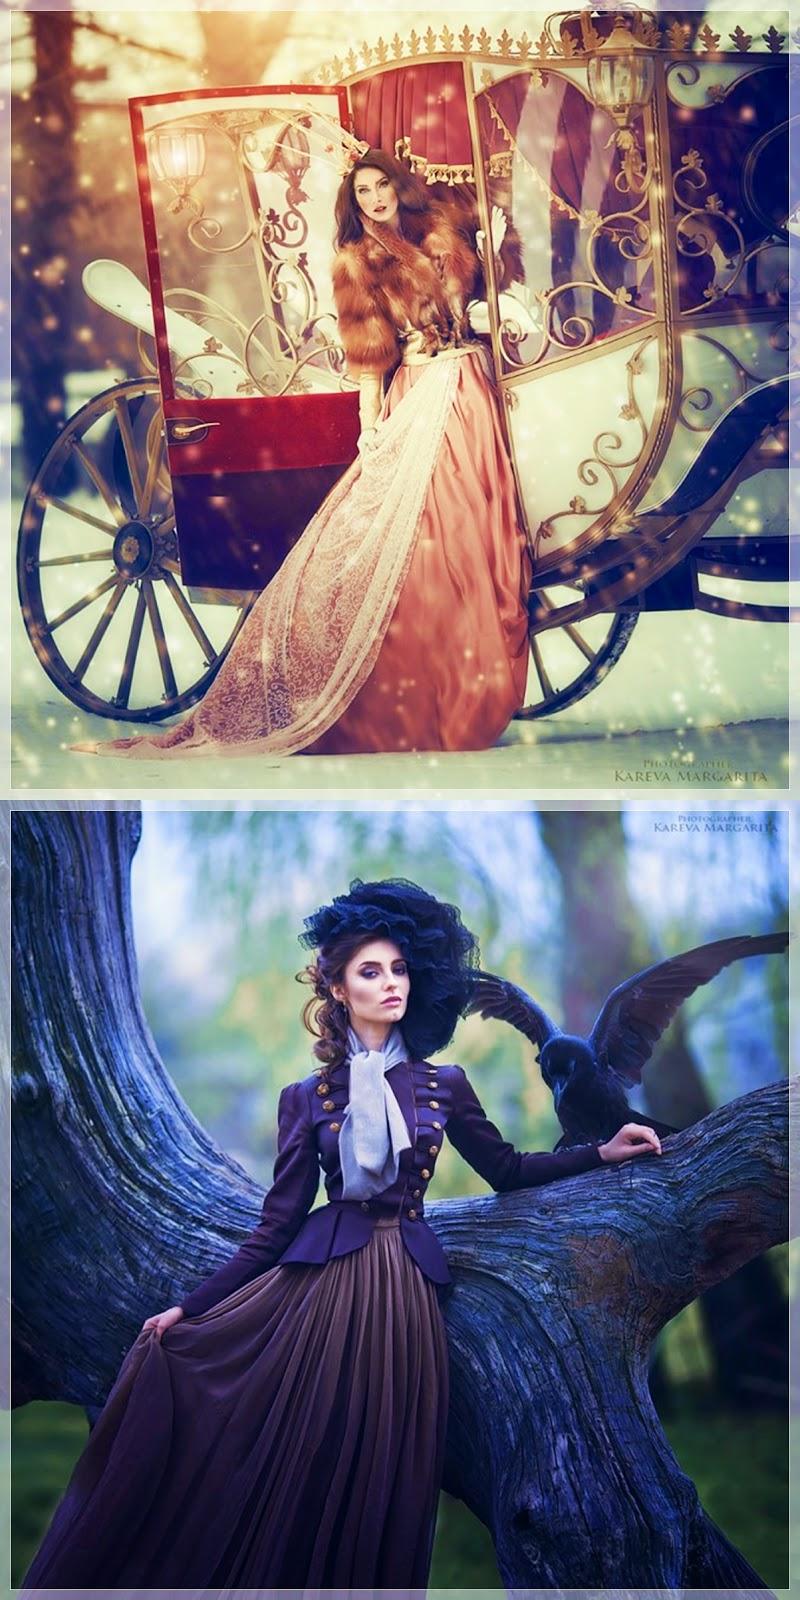 Королевские миры Маргариты Каревой